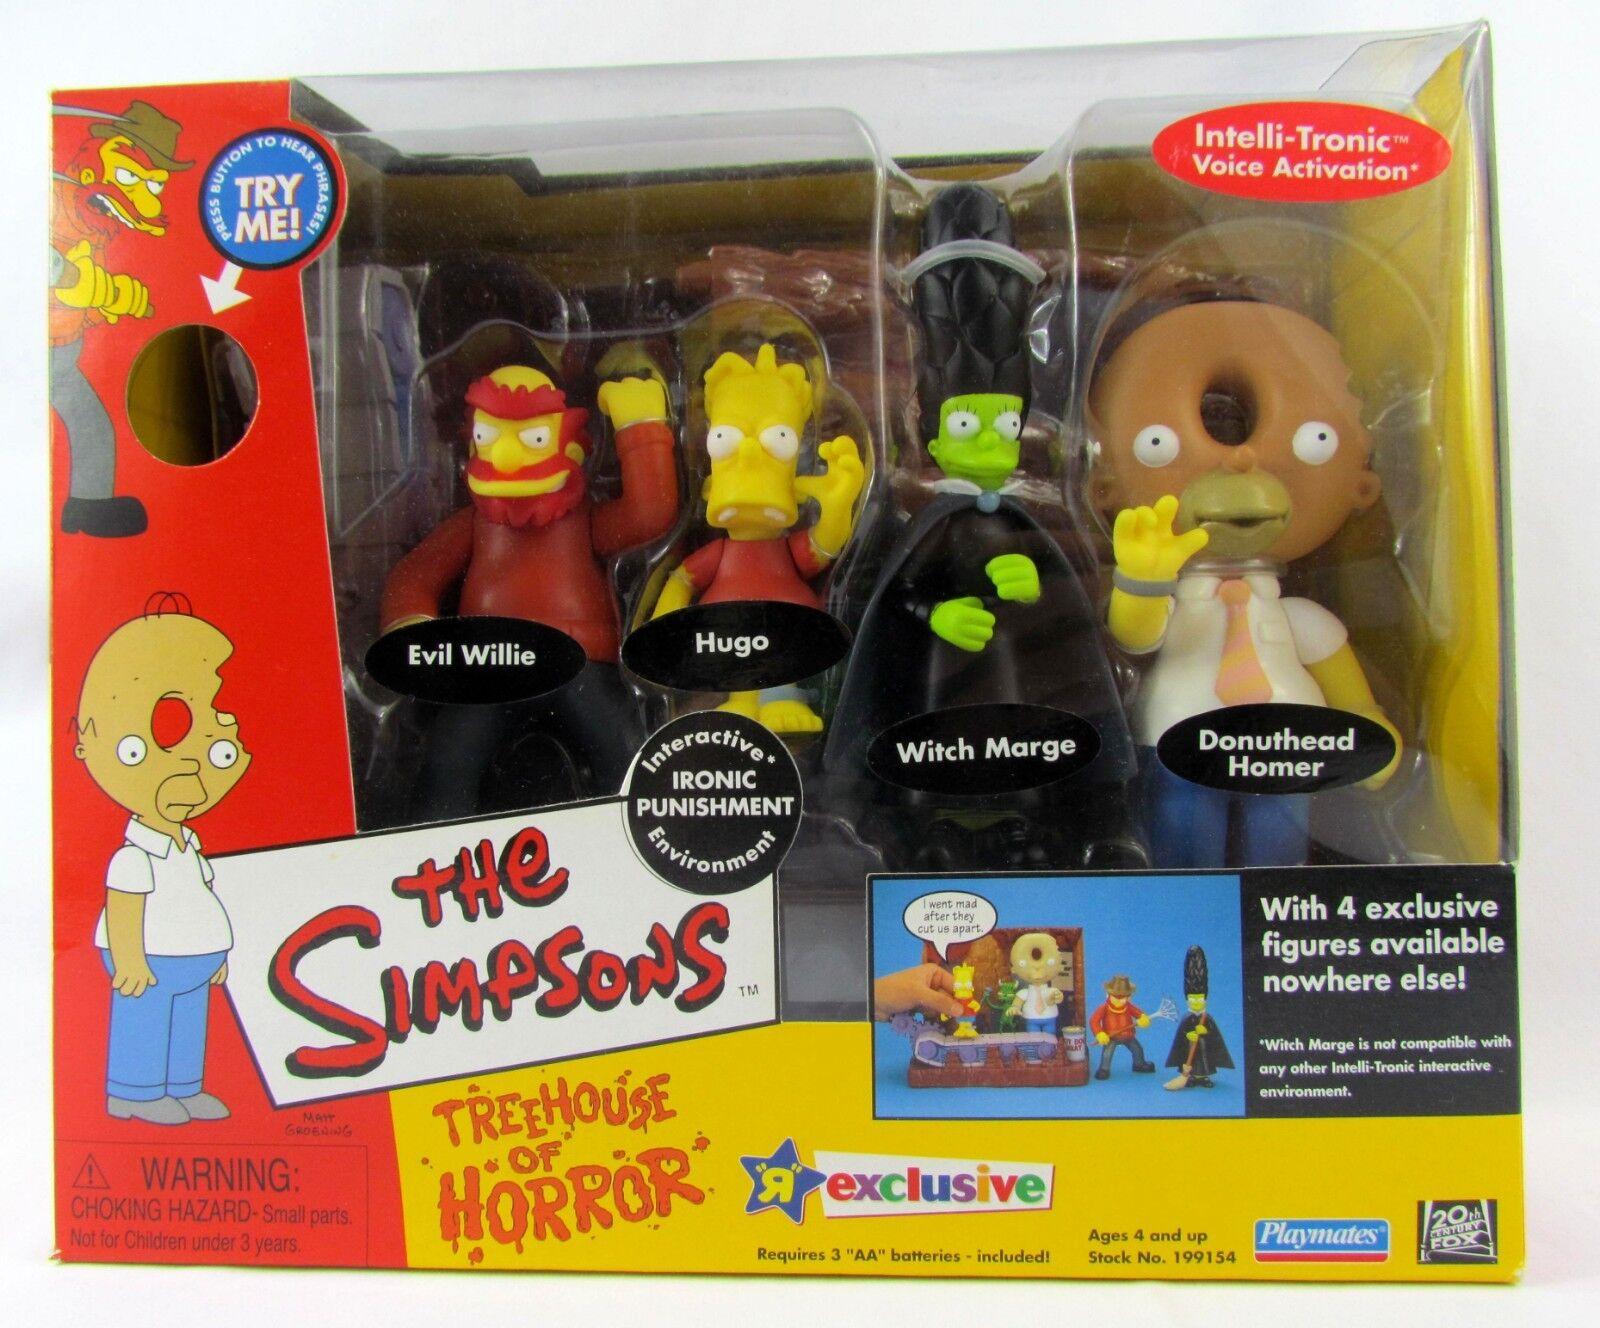 The Simpsons Treehouse of Horrors Playset Playmates Ironic Punishment Nuovo Sealed